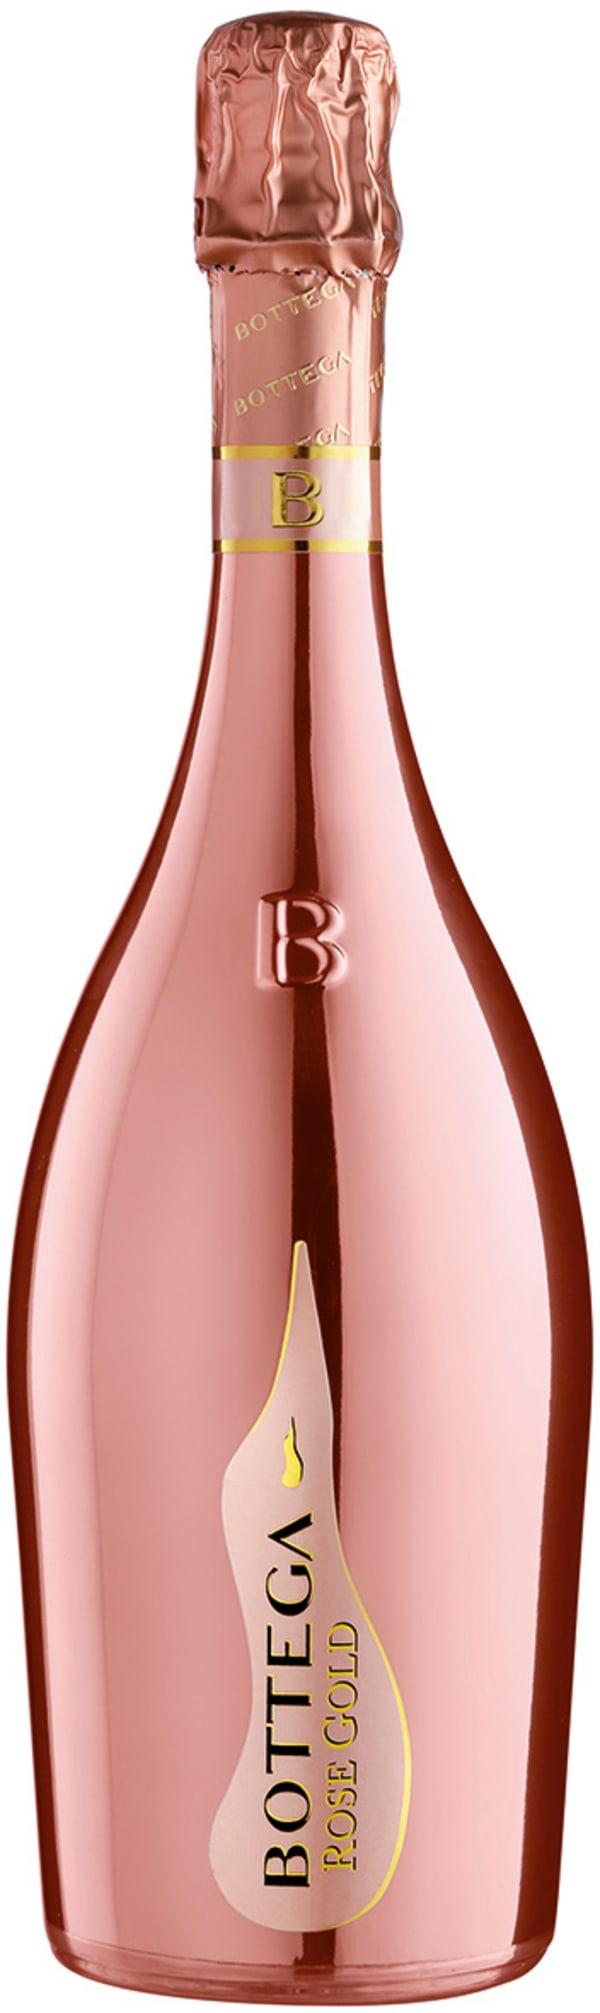 Bottega Rose Gold Brut